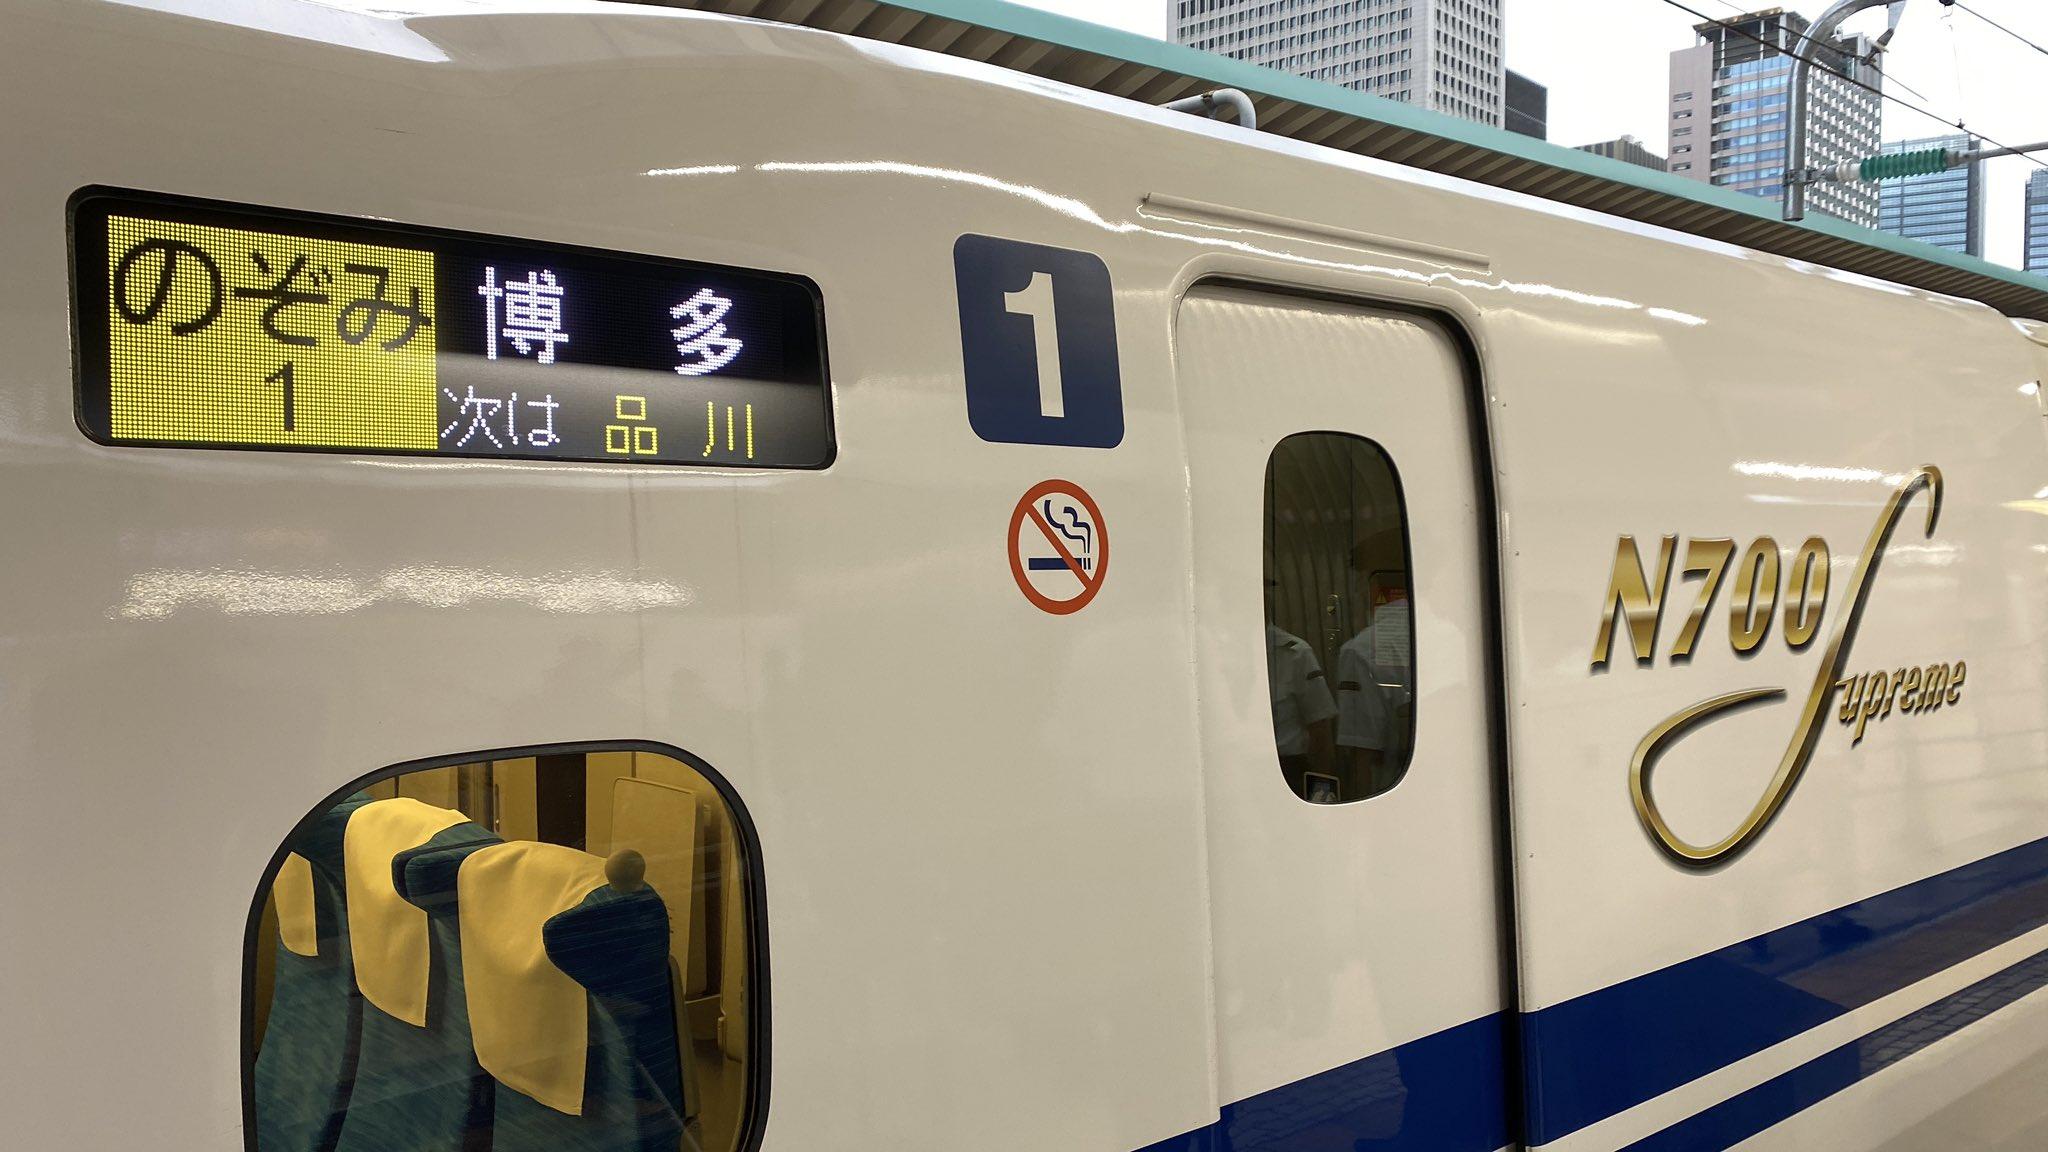 東海道・山陽新幹線に13年振りの新型車両N700Sが本日から運行開始!